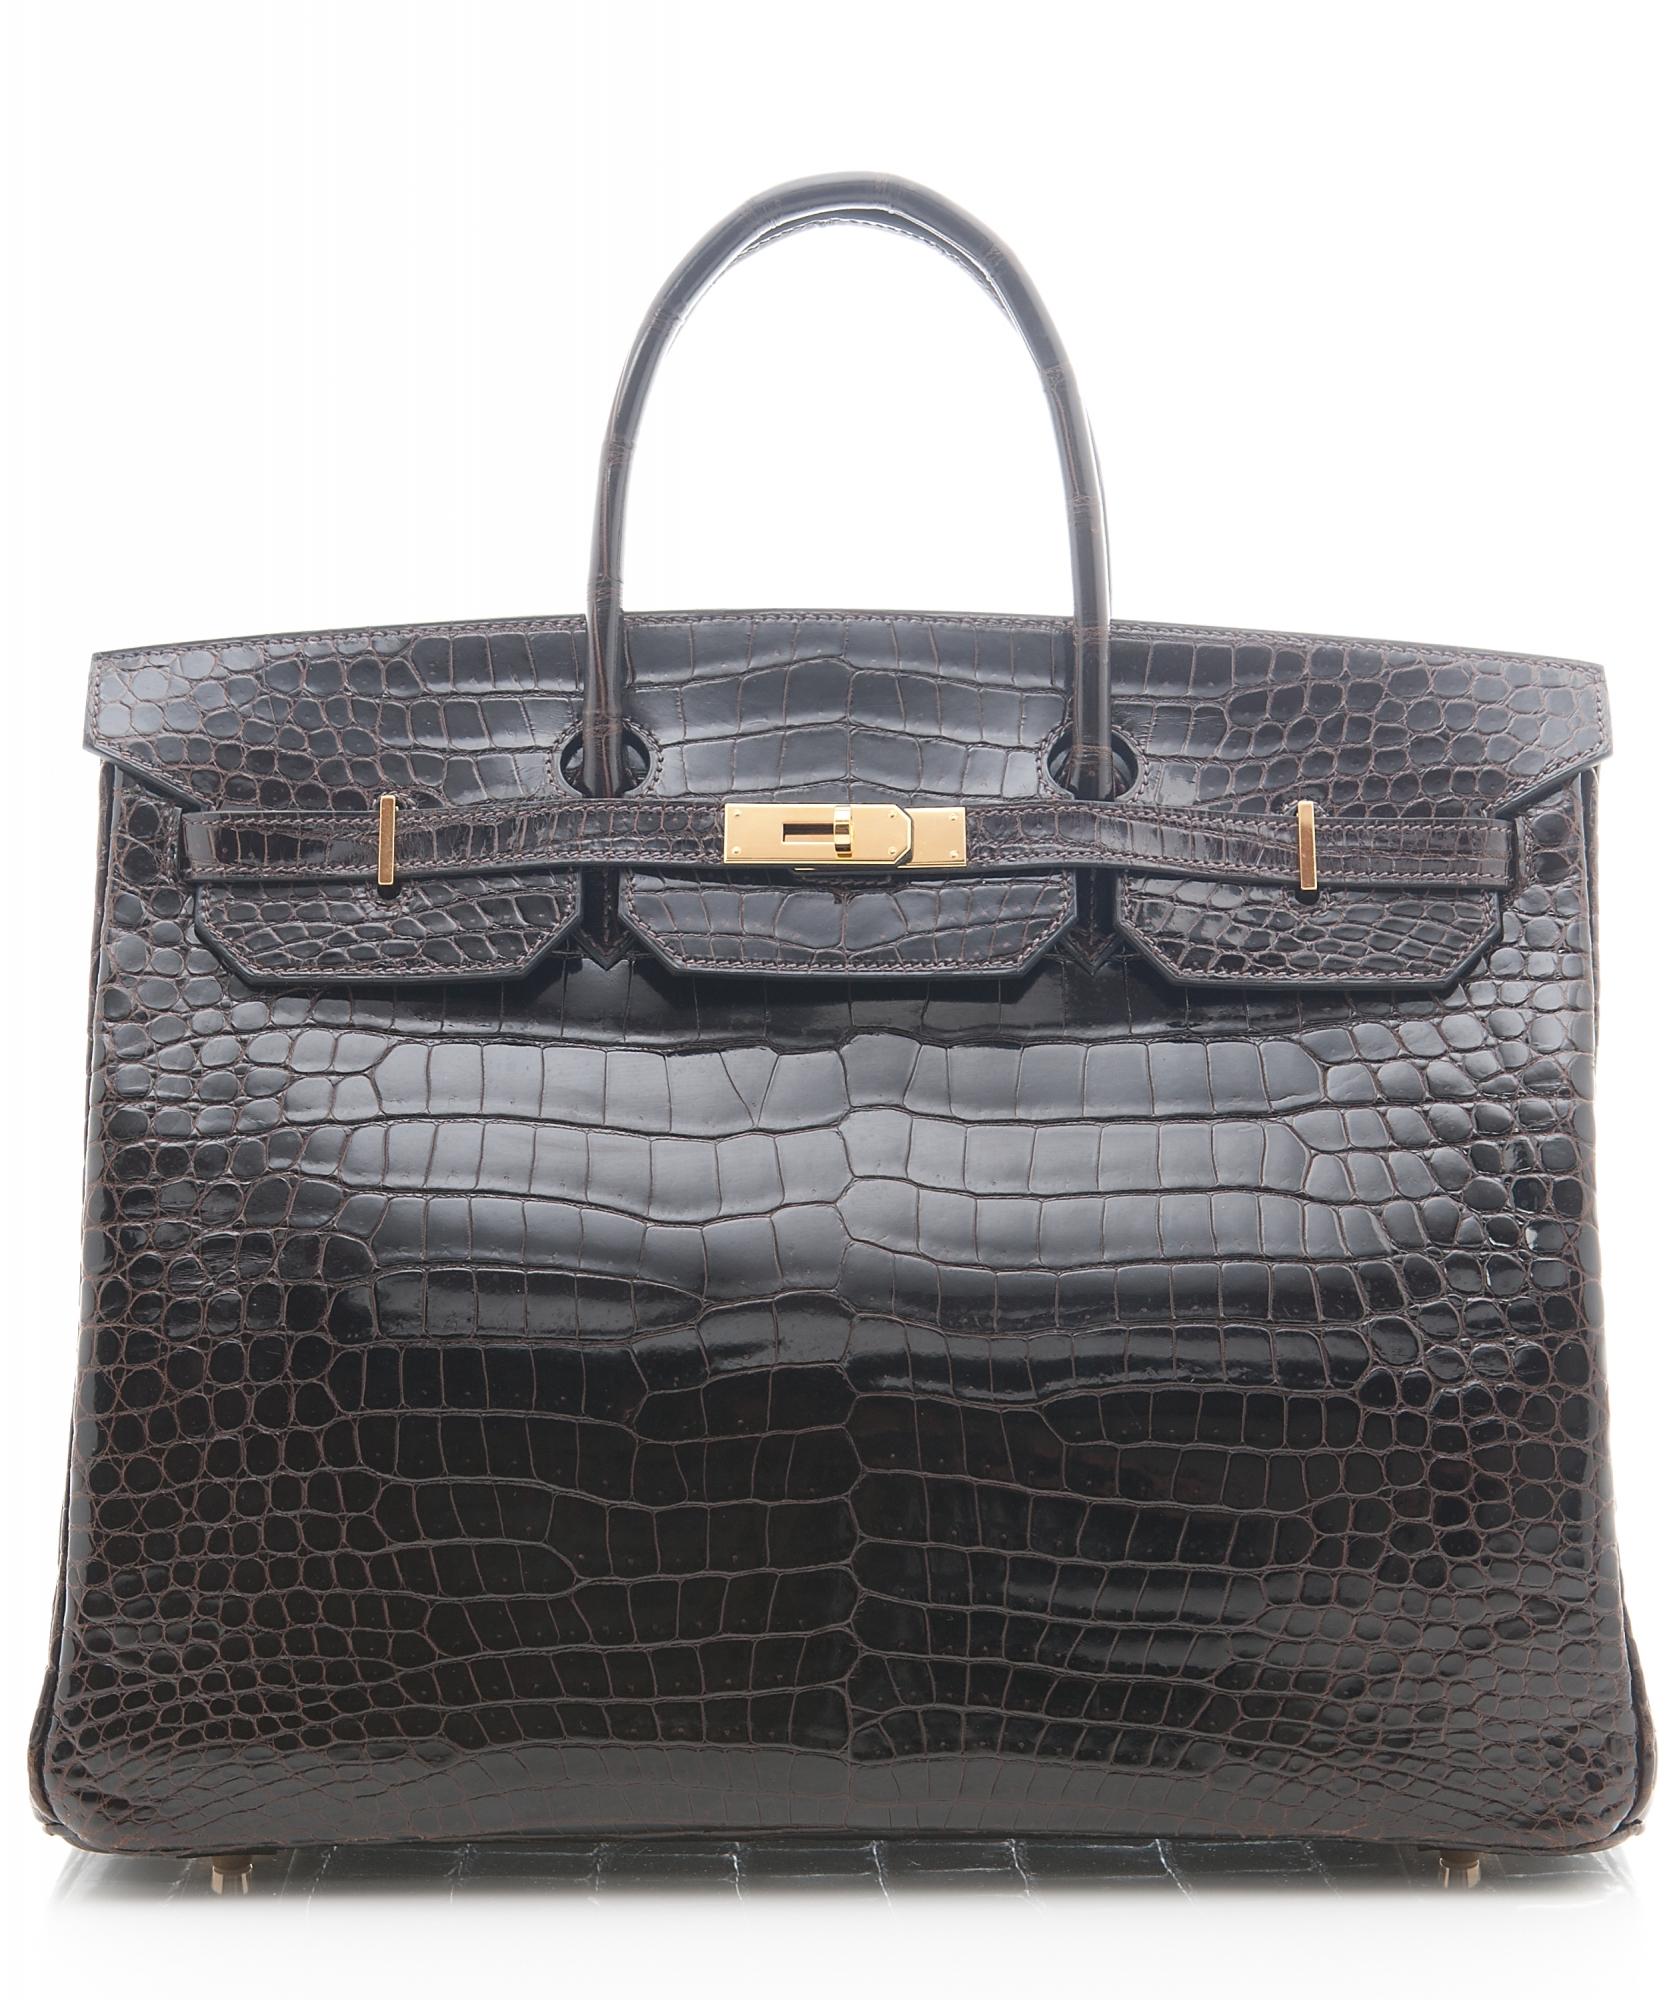 Hermès Birkin Bag 40cm In Shiny Brown Porosus Crocodile